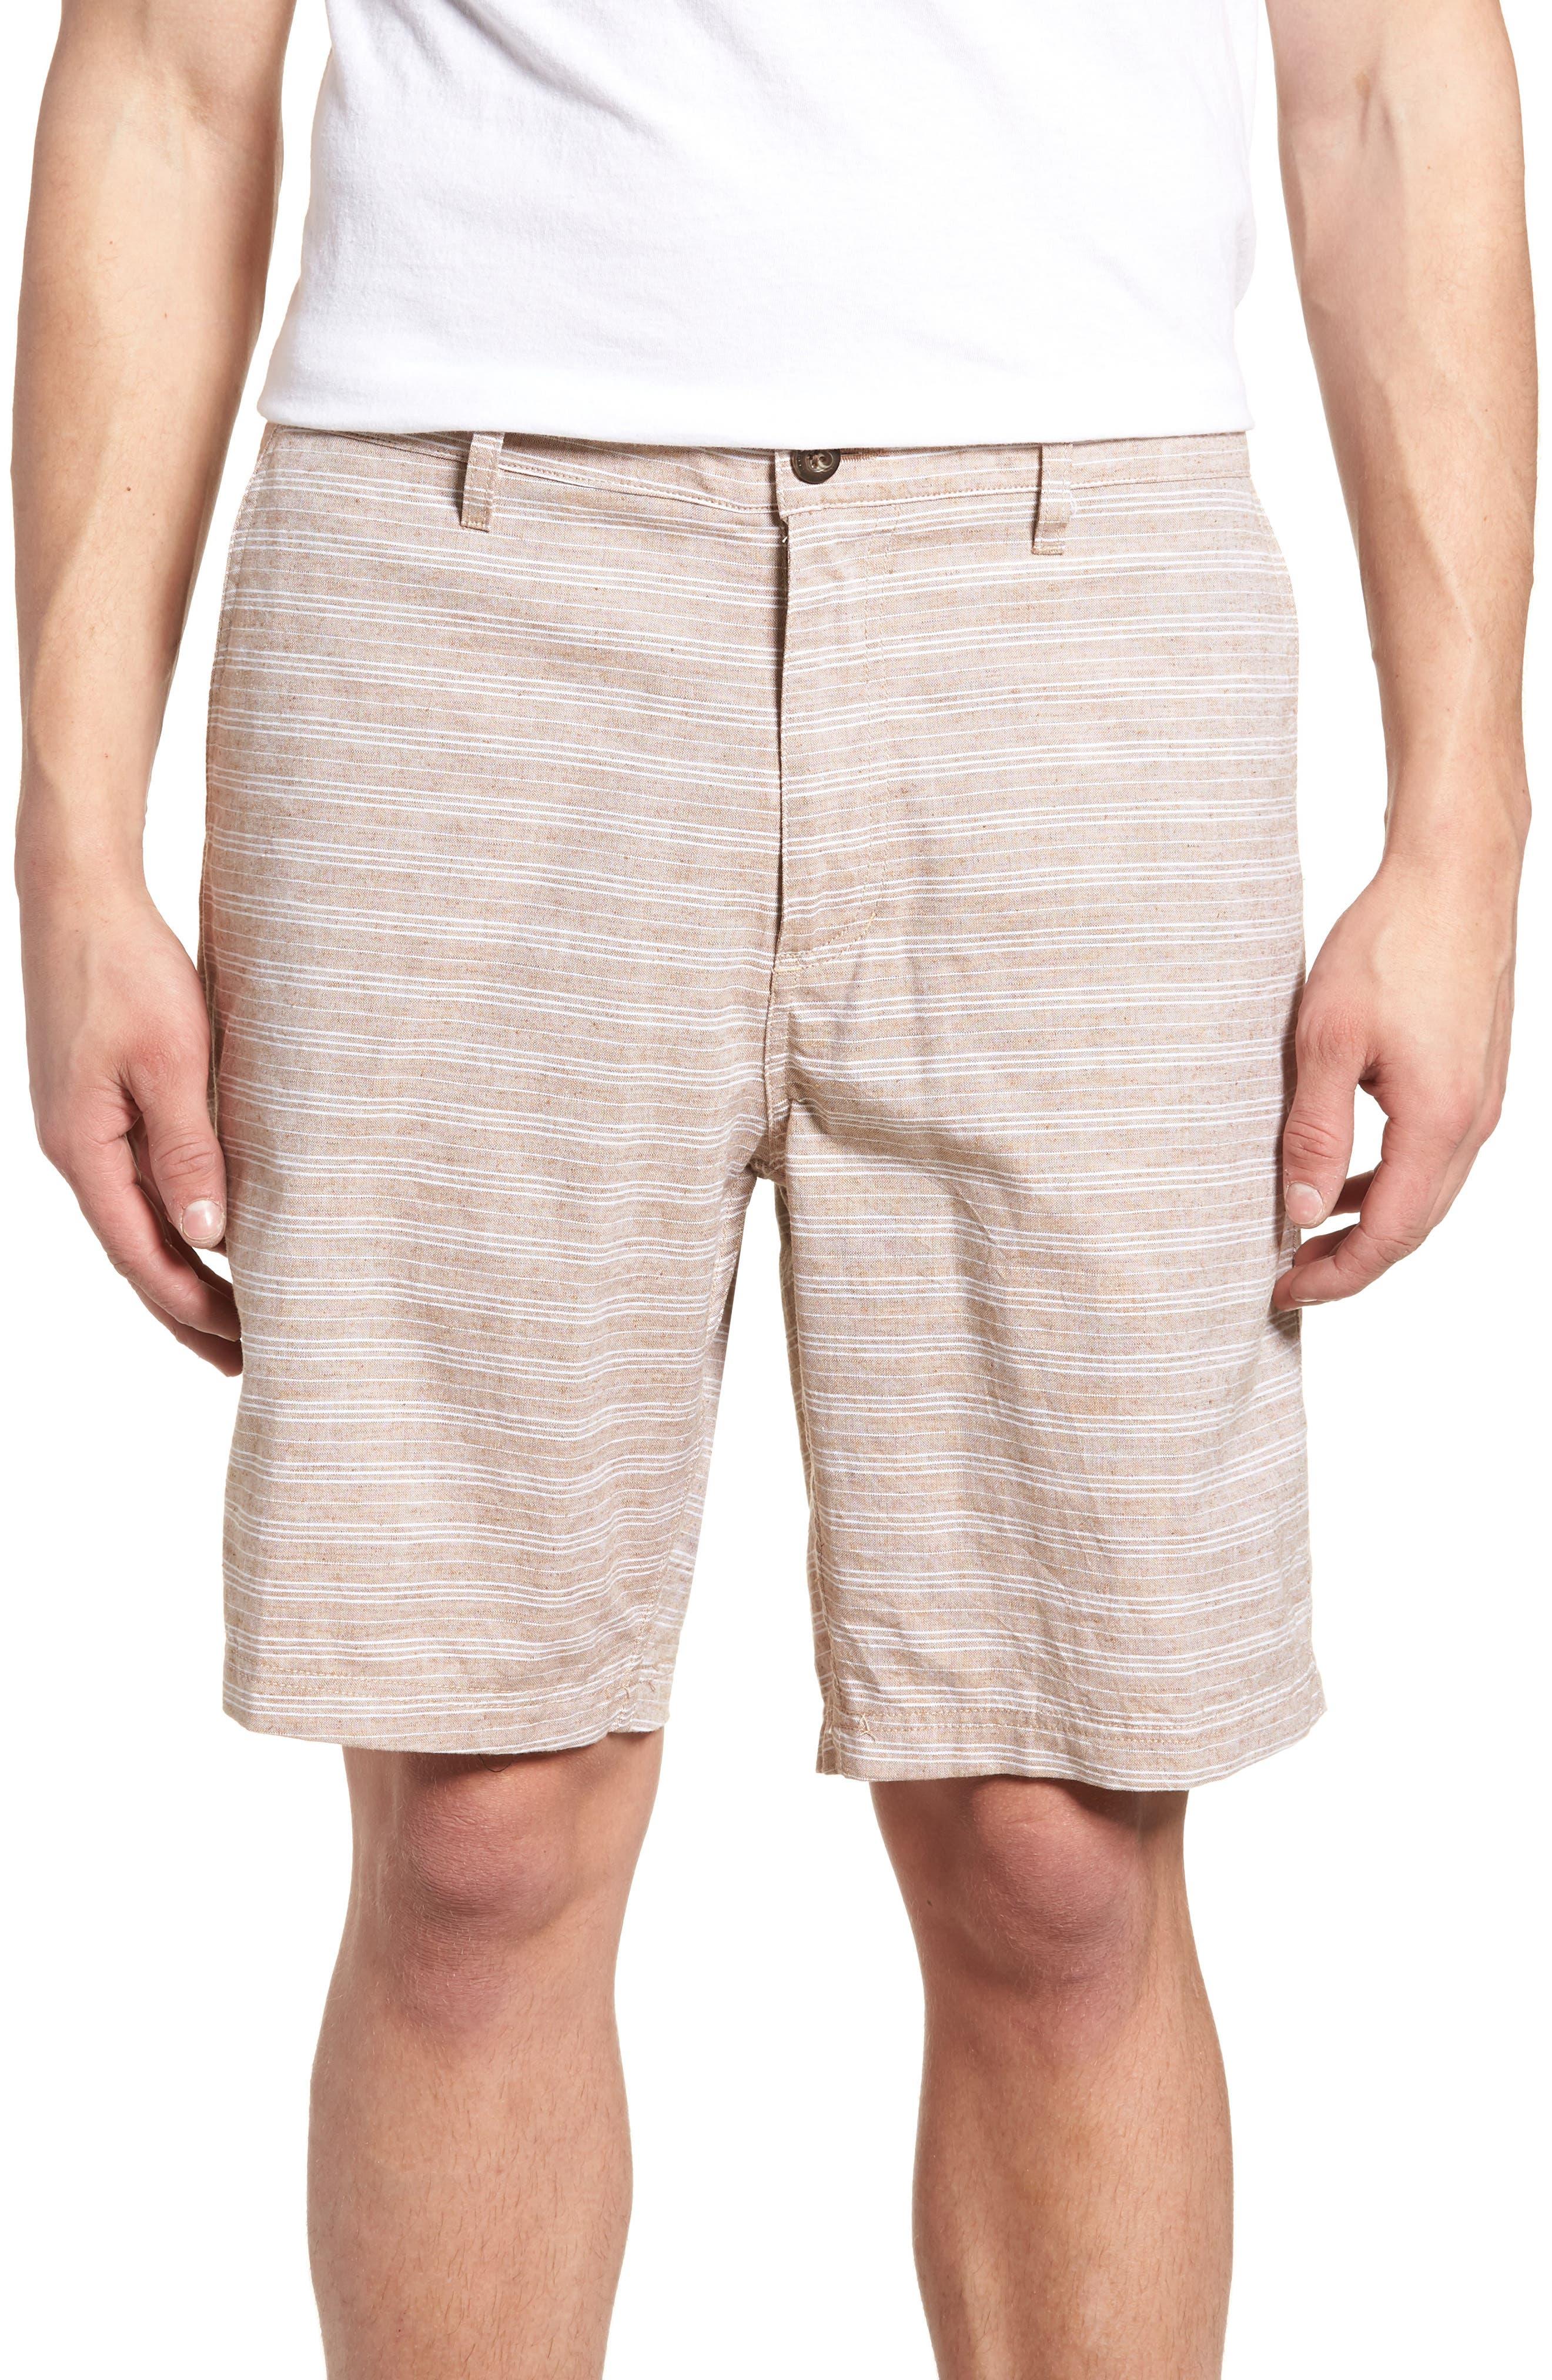 Windward Shorts,                         Main,                         color, Tobacco